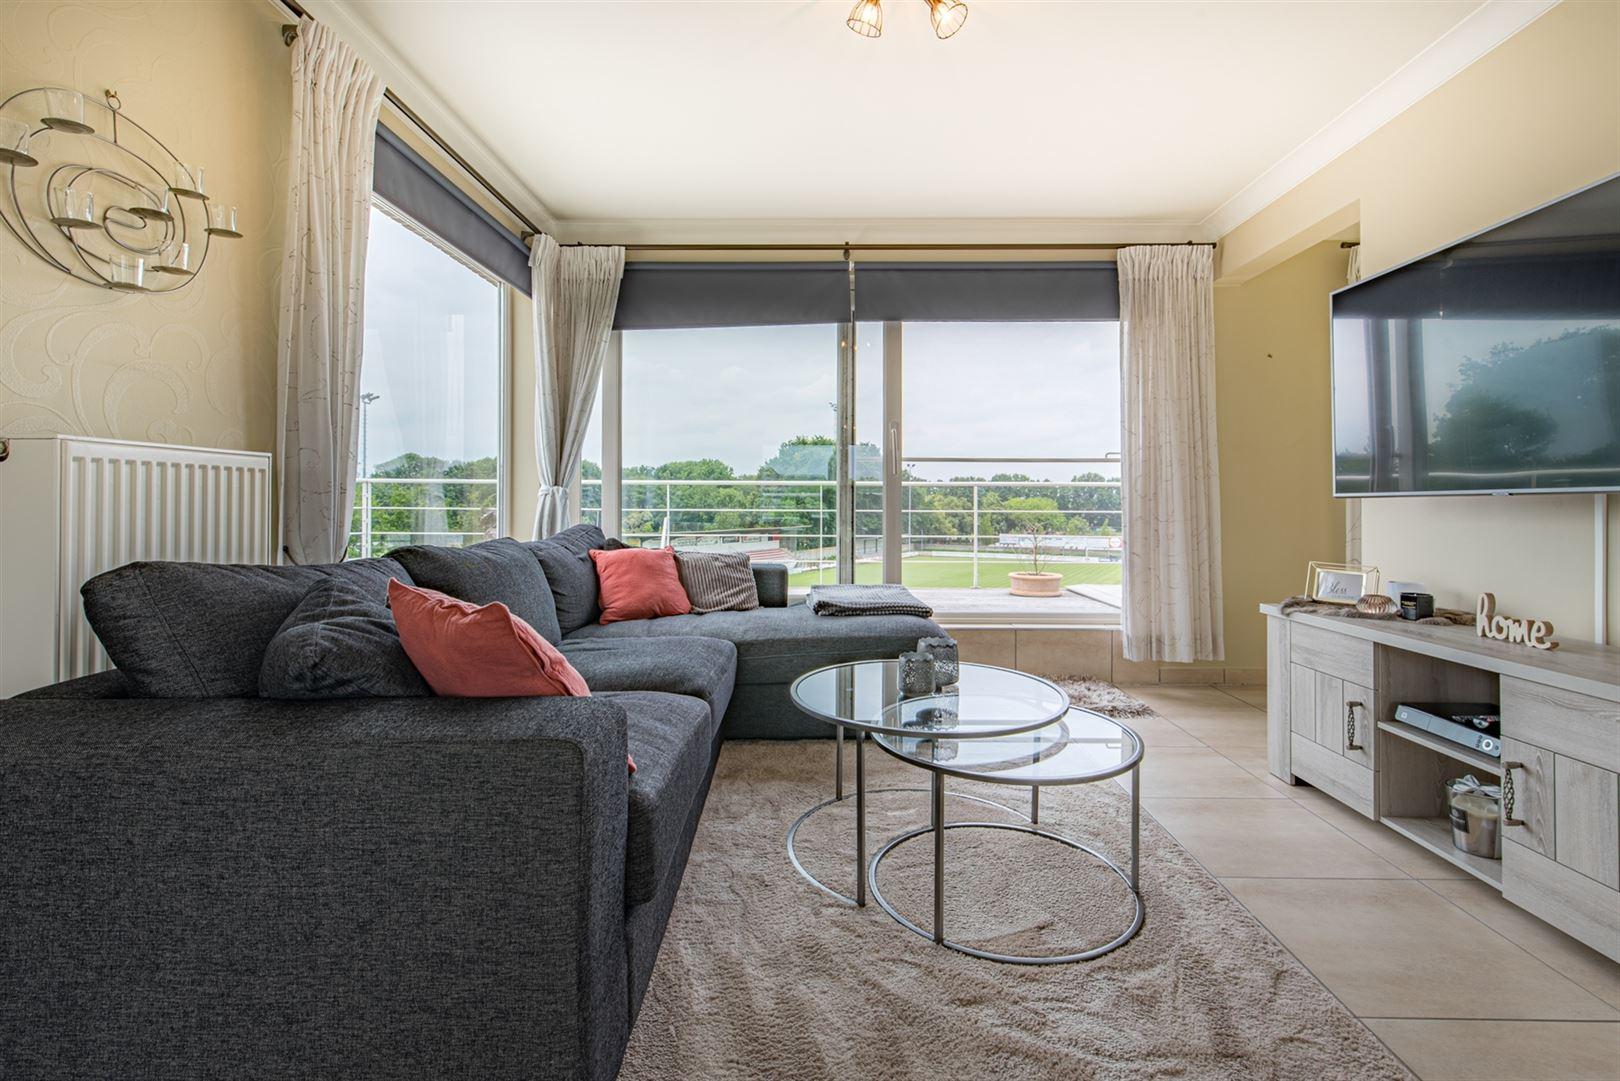 Foto 3 : Appartement te 9240 ZELE (België) - Prijs € 295.000